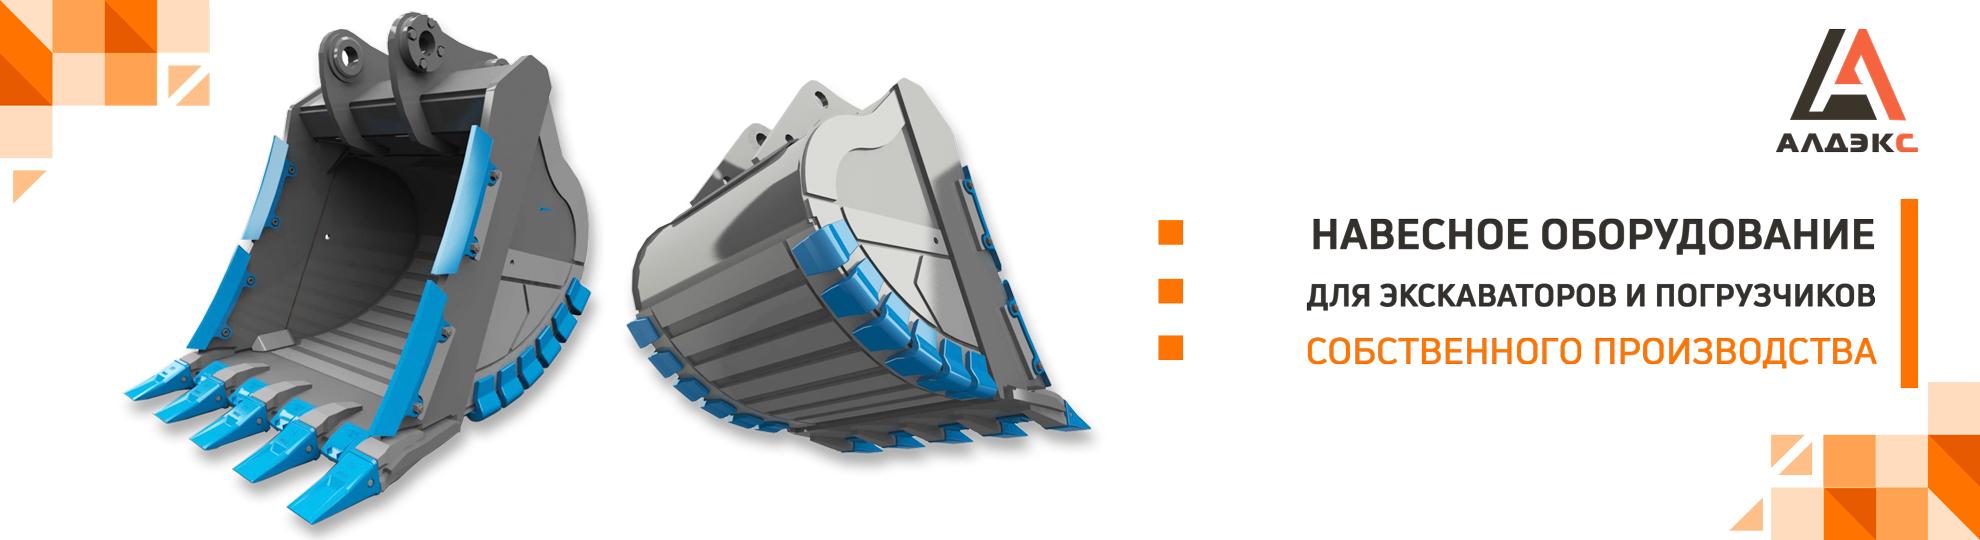 Компания «Адлэкс» предлагает ковши для экскаваторов и погрузчиков напрямую от производителей.